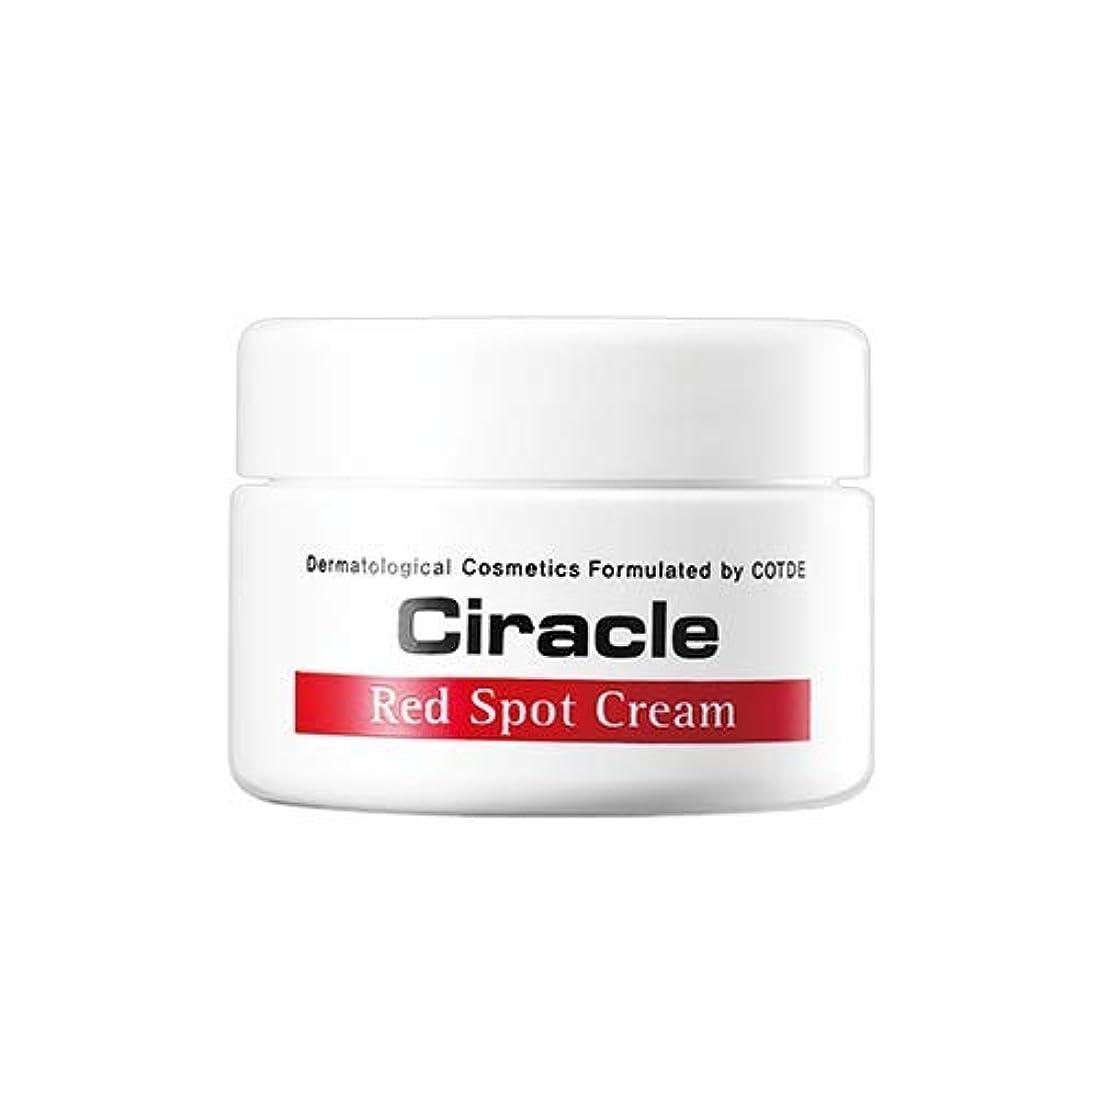 聖人降臨欲しいですCiracle Red Spot Cream 30ml Trouble Skin Beauty Product by Skin Product [並行輸入品]